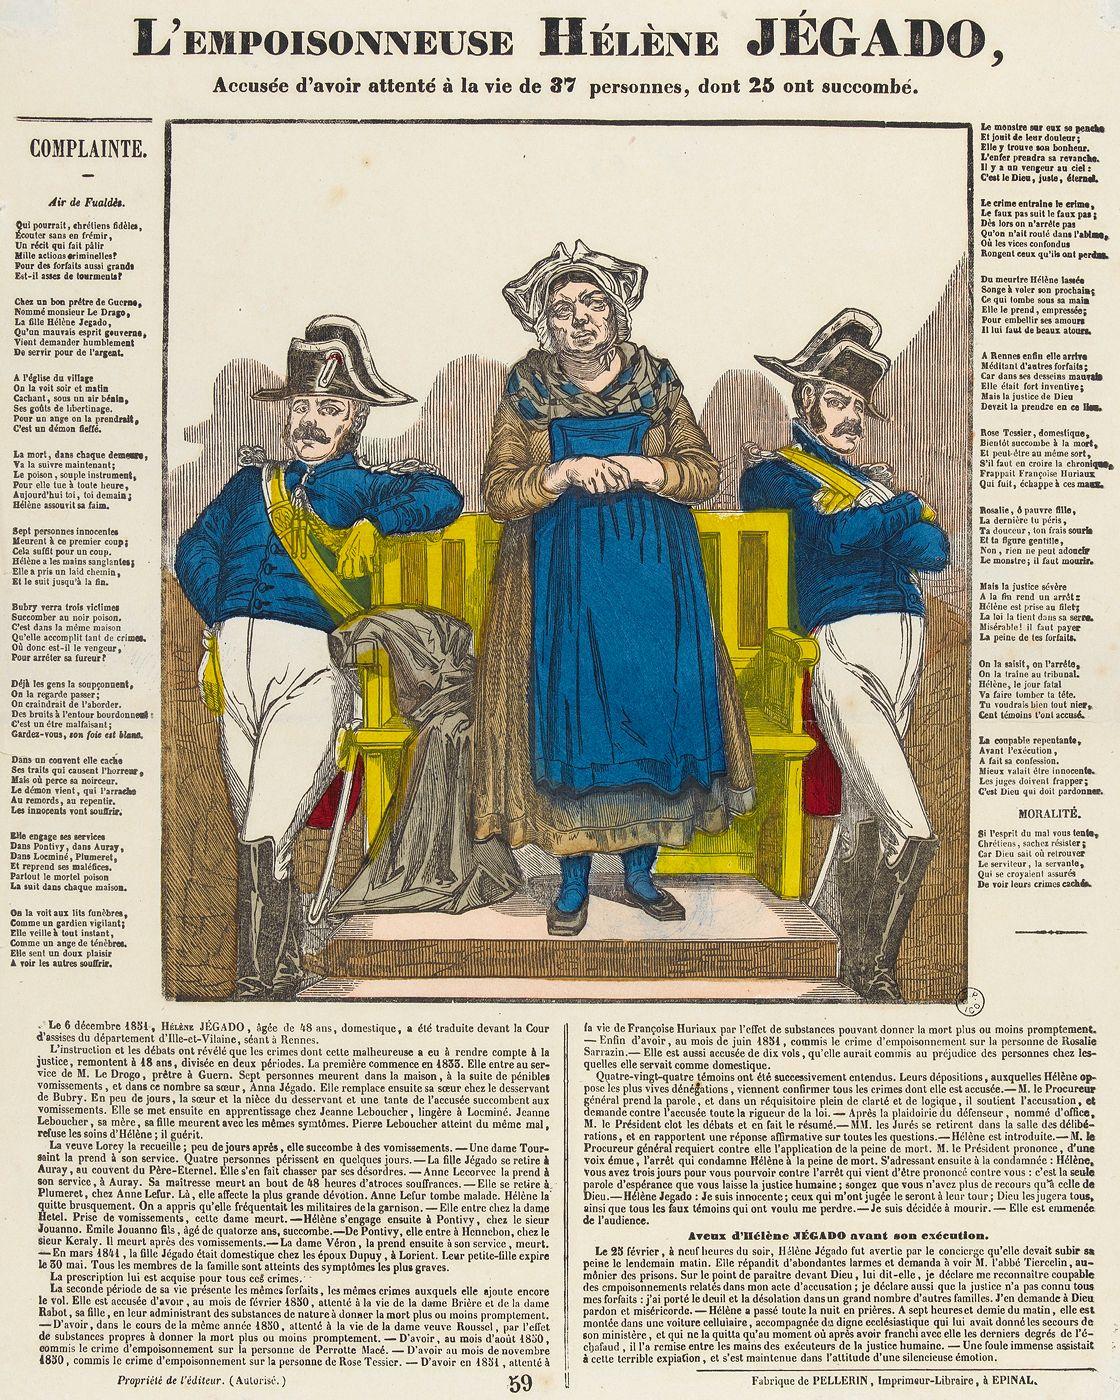 Le procès d'une empoisonneuse. Estampe imprimée par Jean-Charles Pellerin (1756-1836) en 1852.